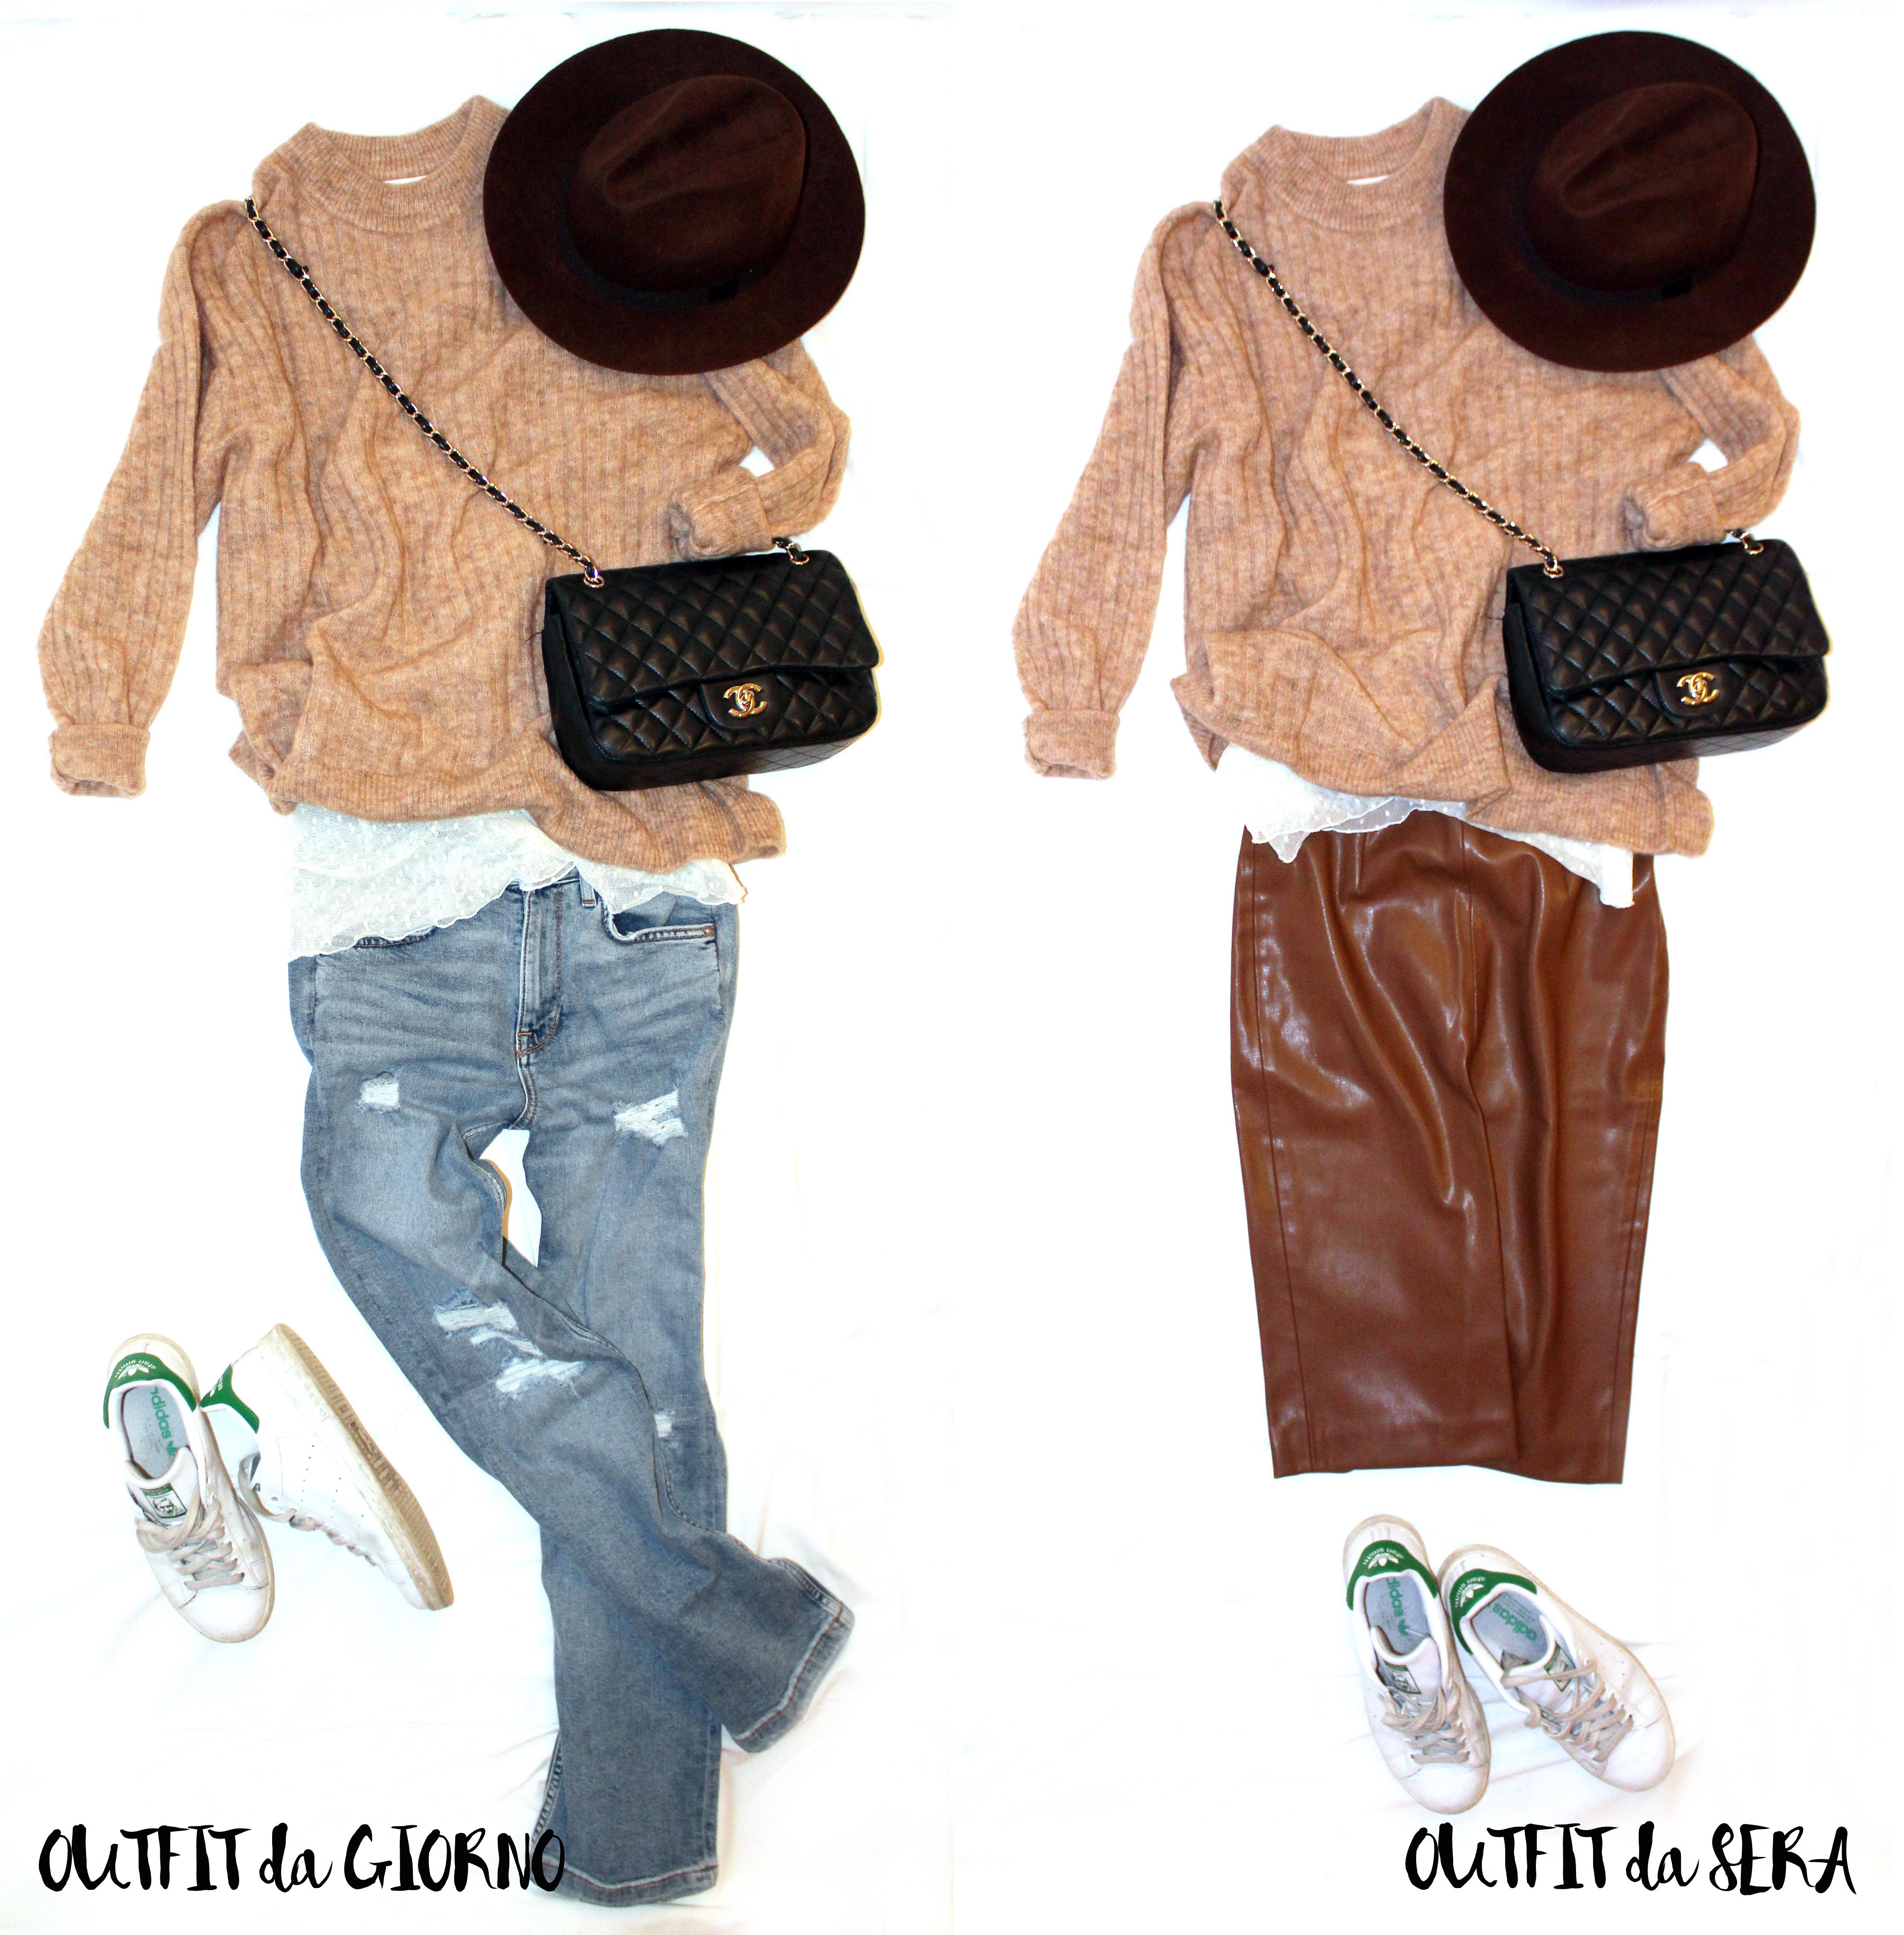 Il mio primo outfit: pull oversize color cammello, maglietta di tulle e cropped jeans. per la sera sostituisco il denim con una gonna di ecopelle e il gioco è fatto!